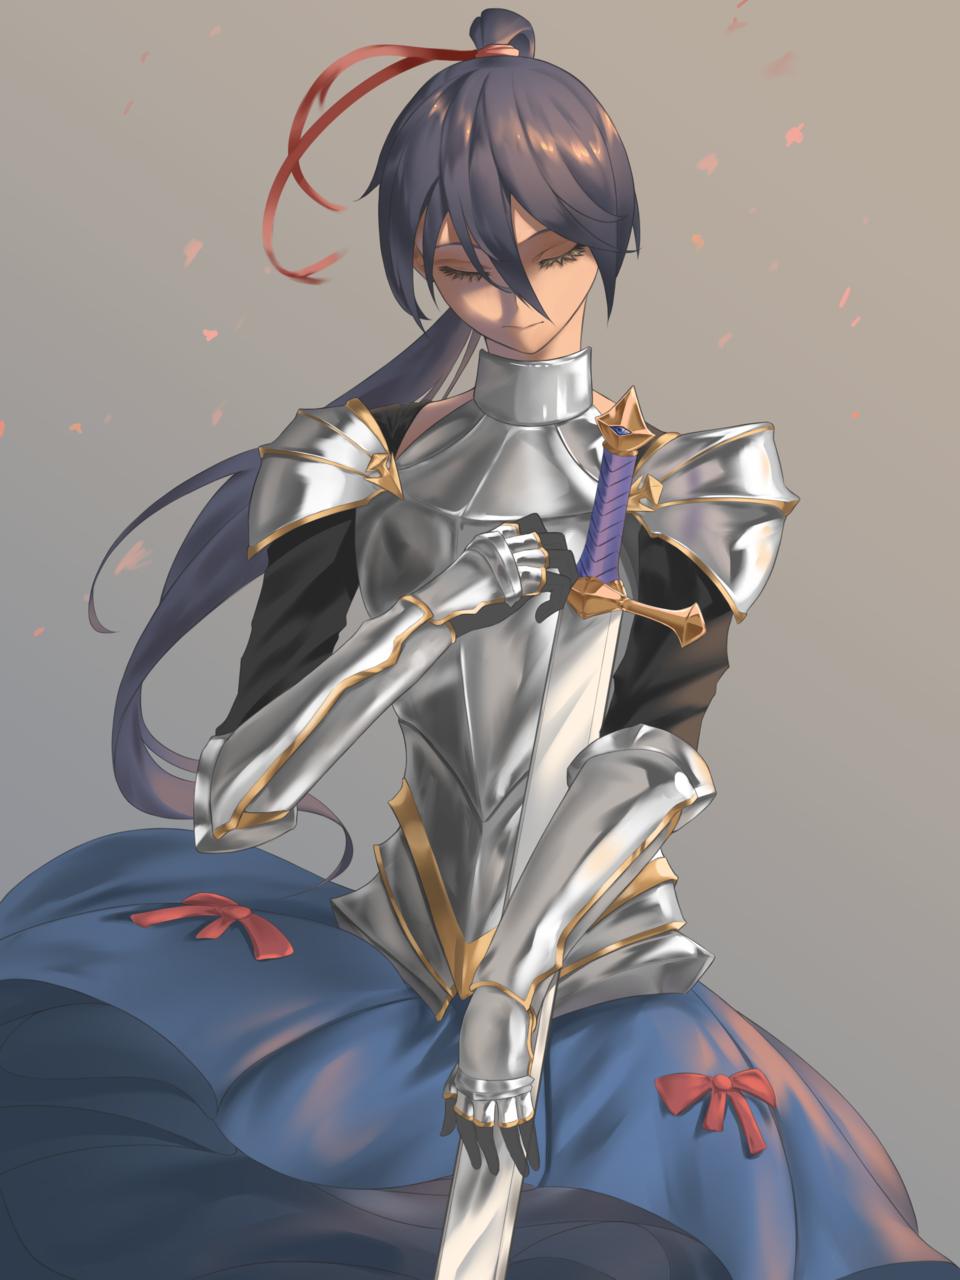 騎士 Illust of トミー fantasy February2021_Fantasy oc illustration